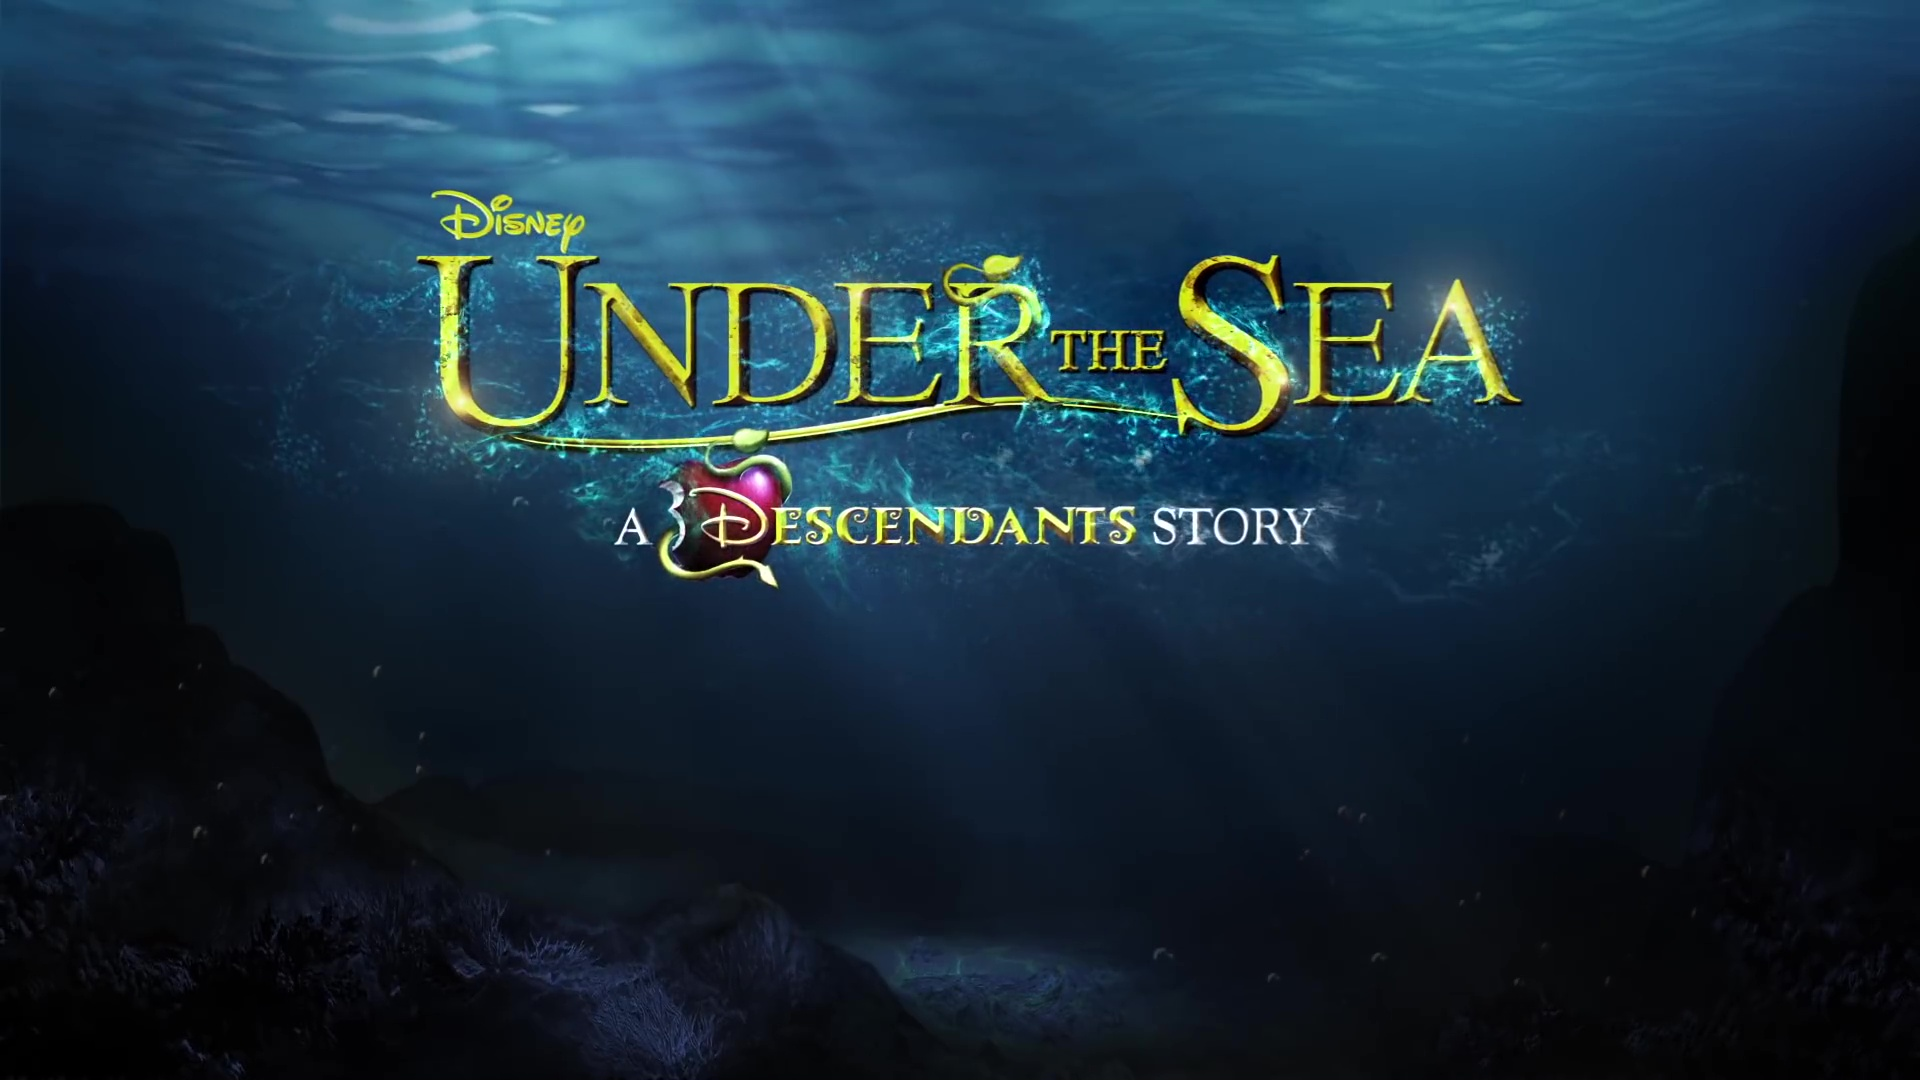 capture descendants 3 under sea disney channel